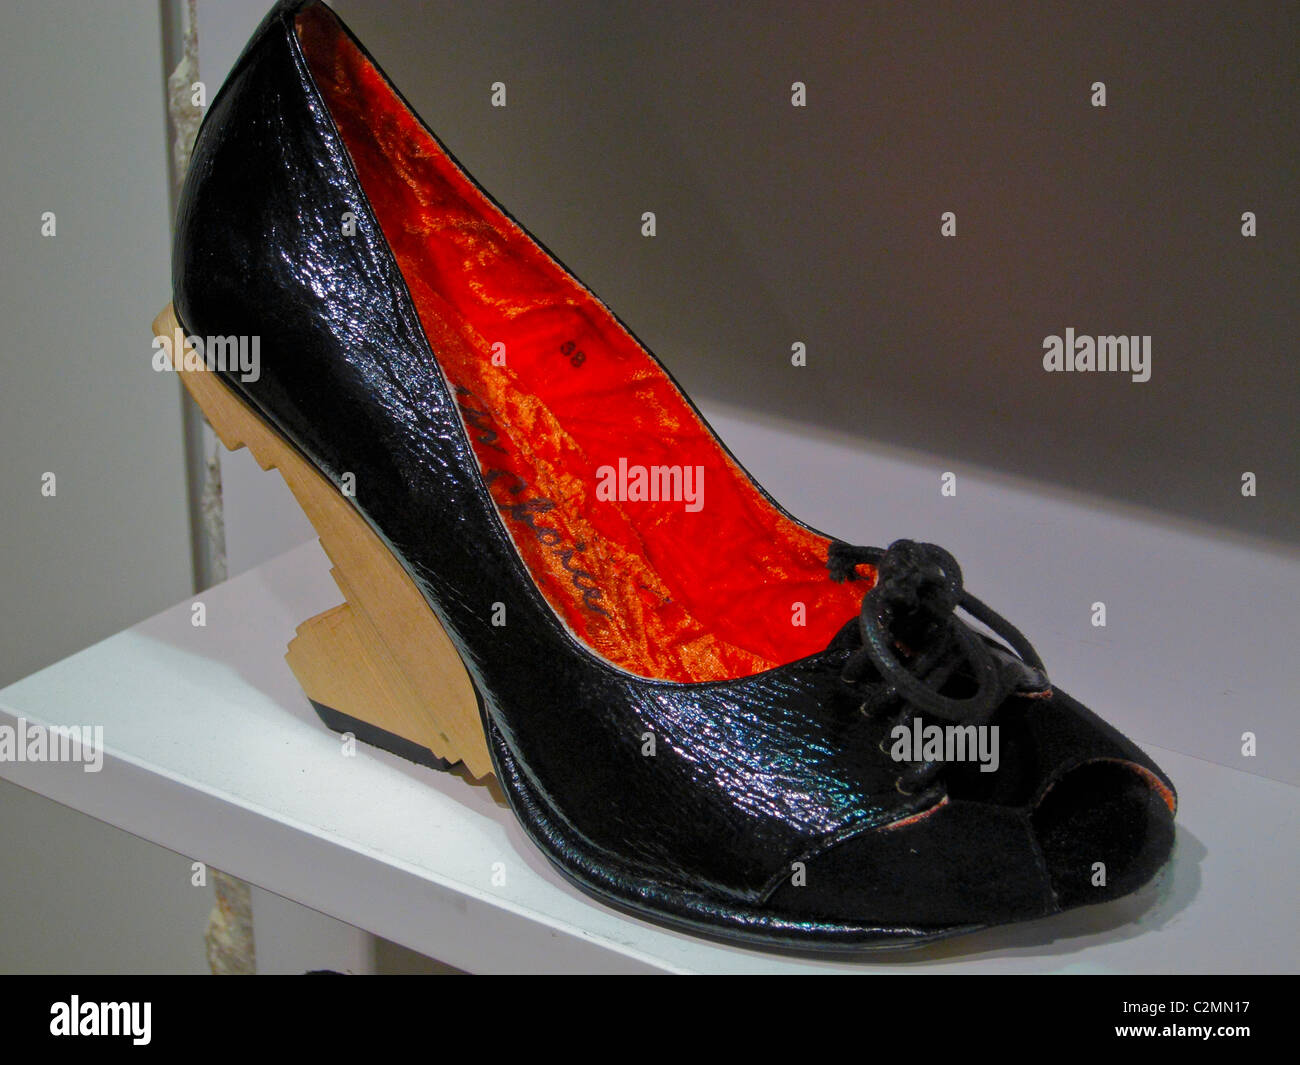 Shoe Stores High Heels